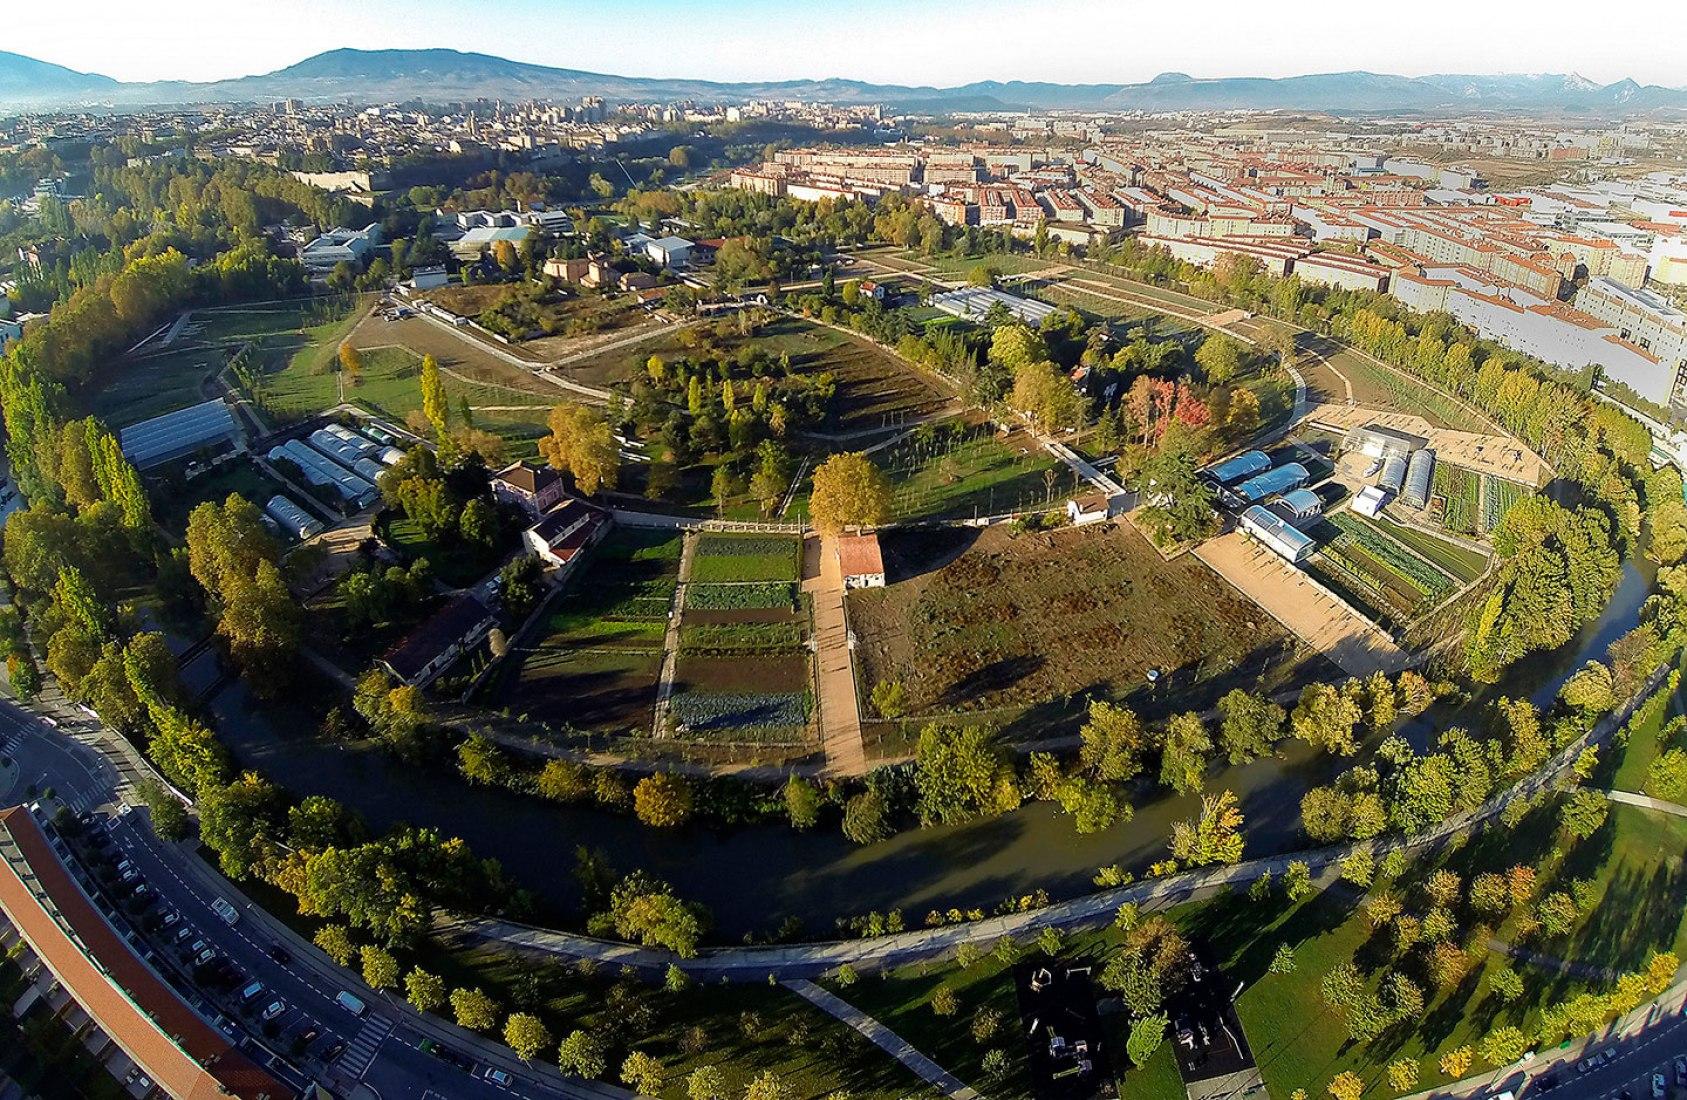 Vista aérea. Parque de Aranzadi por aldayjover Arquitectura y paisaje. Fotografía © Eduardo Berián, cortesía de aldayjover Architecture and Landscape.